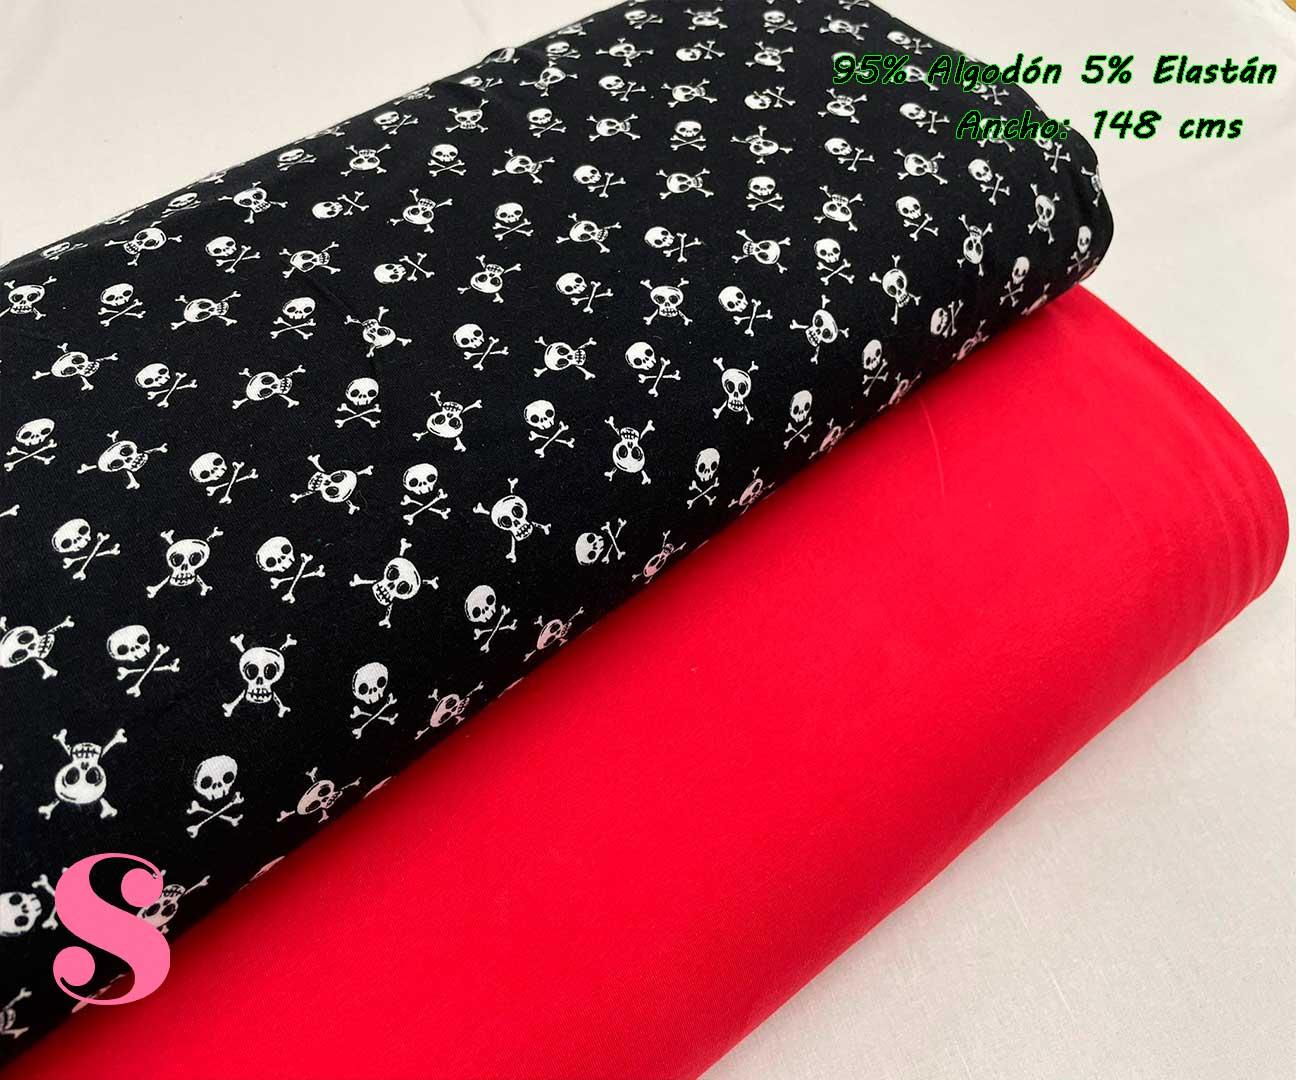 7-telas-de-punto,telas-para-confeccionar-ropa-de-niño,telas-que-no-se-arrugan,tela-sin-plancha,Punto Camiseta Jersey Estampado Calaveras Negro,Punto Camiseta Jersey Rojo